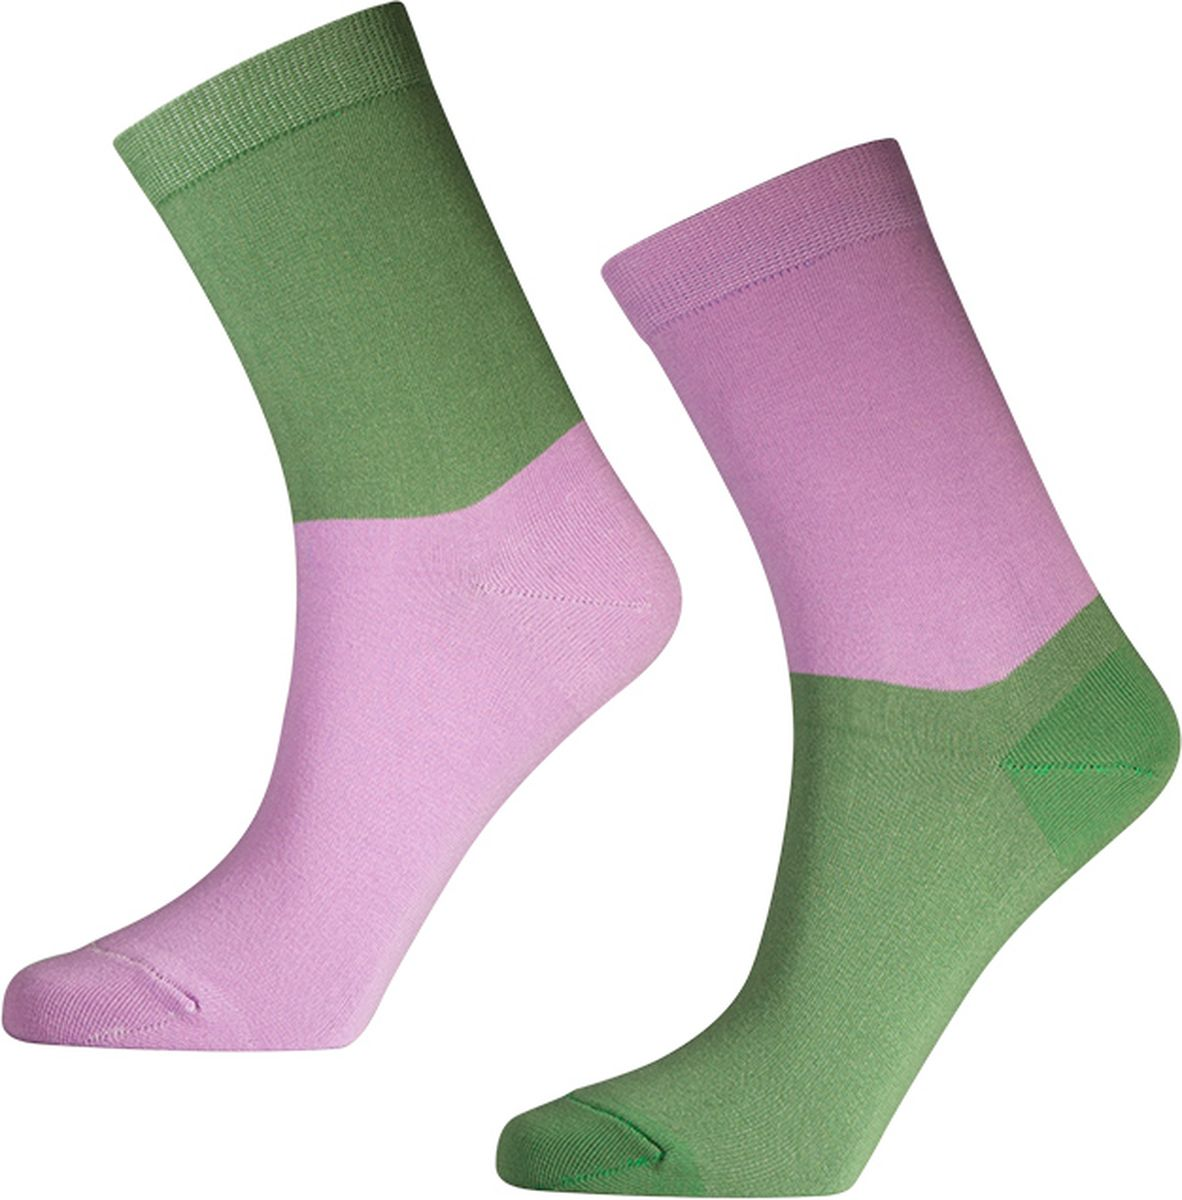 Носки мужские Big Bang Socks, цвет: лавандовый, зеленый, 2 пары. d431. Размер 40/44d431Яркие носки Big Bang Socks изготовлены из высококачественного хлопка с добавлением полиамидных и эластановых волокон, которые обеспечивают великолепную посадку. Носки отличаются ярким стильным дизайном. На правом и левом носке рисунки не симметричены.Удобная резинка идеально облегает ногу и не пережимает сосуды, усиленныепятка и мысок повышают износоустойчивость носка, а удлиненный паголенокпридает более эстетичный вид. Дизайнерские носки Big Bang Socks - яркая деталь в вашем образе и оригинальныйподарок для друзей и близких.В комплекте две пары носков.